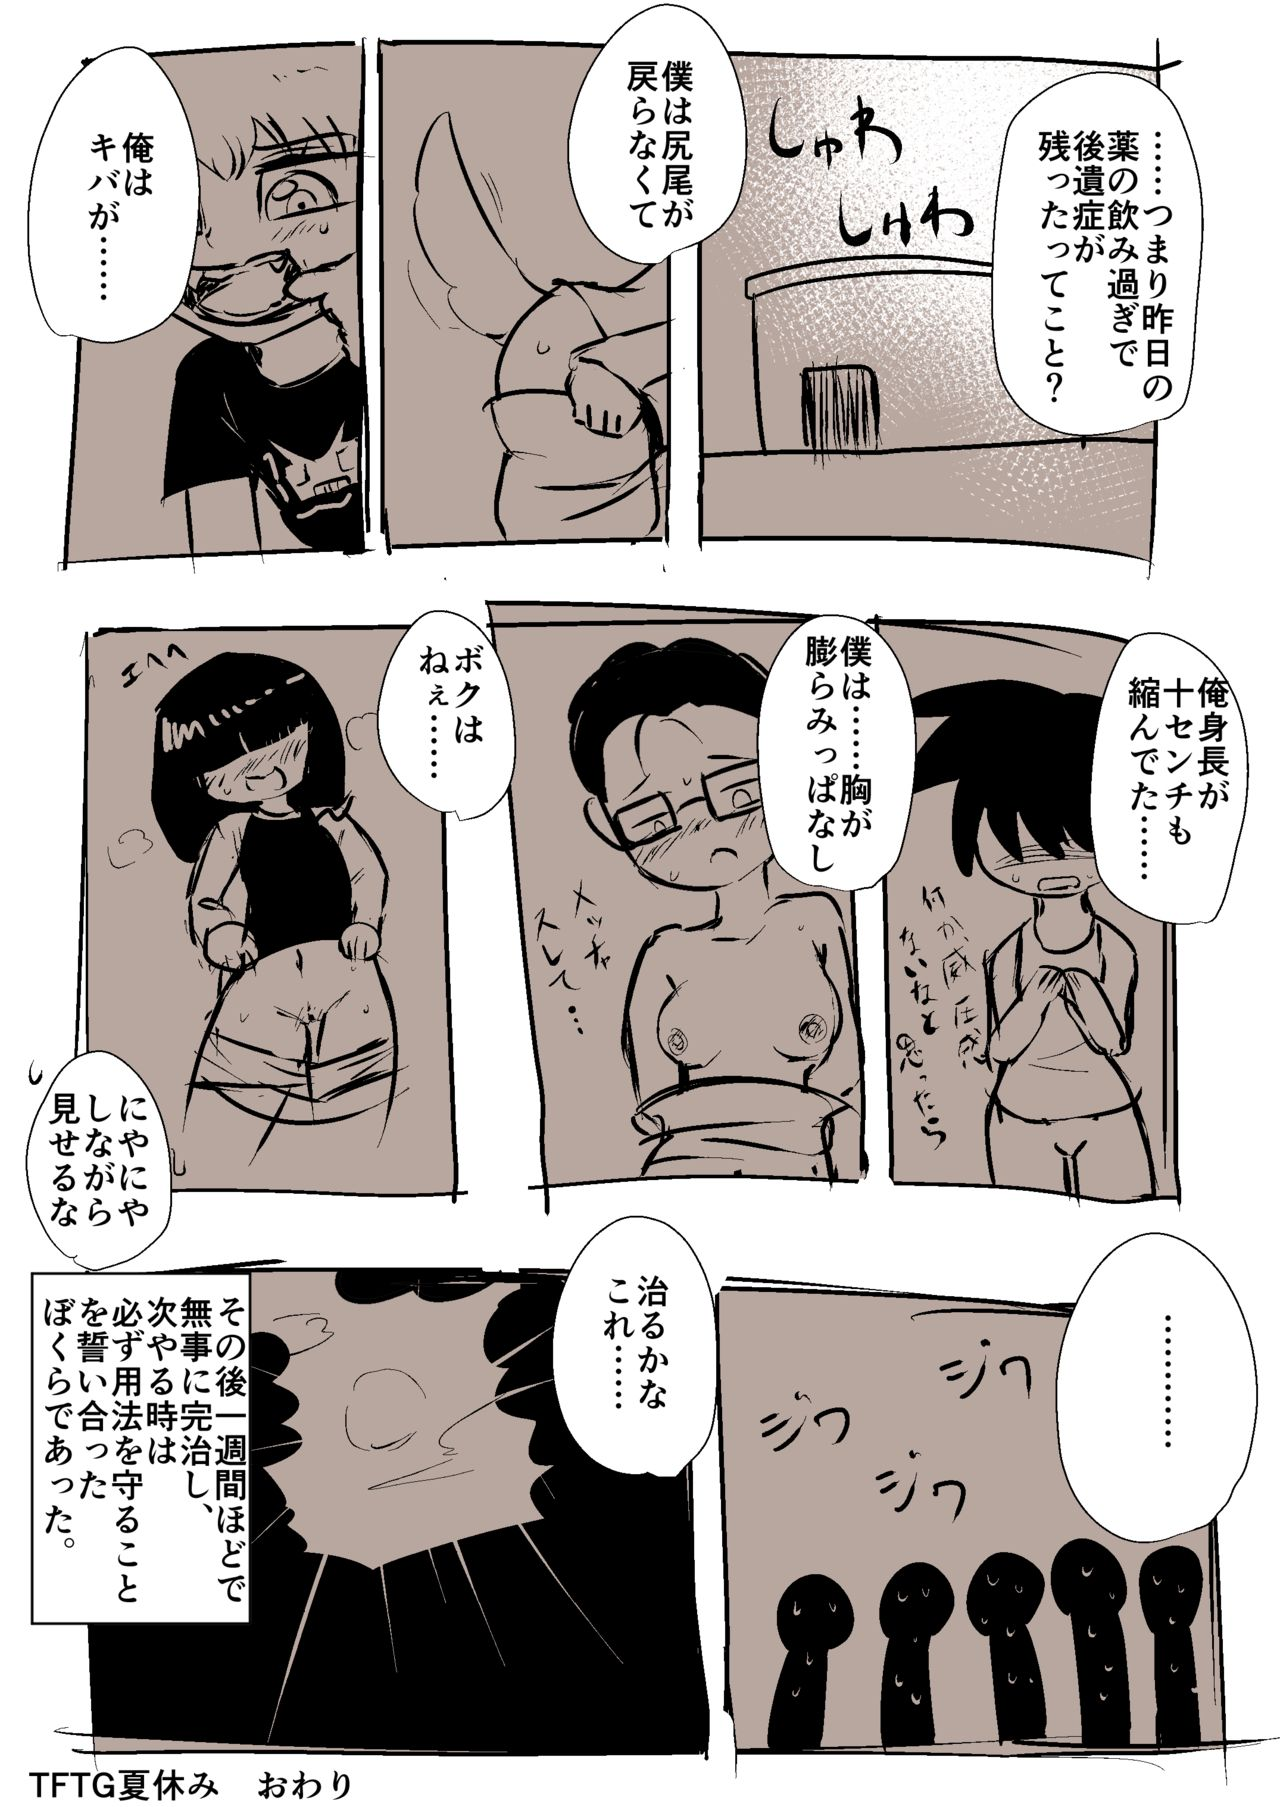 [日文a漫]【tftg】おとこのこたちがメスケモになる漫画【獣化性転换